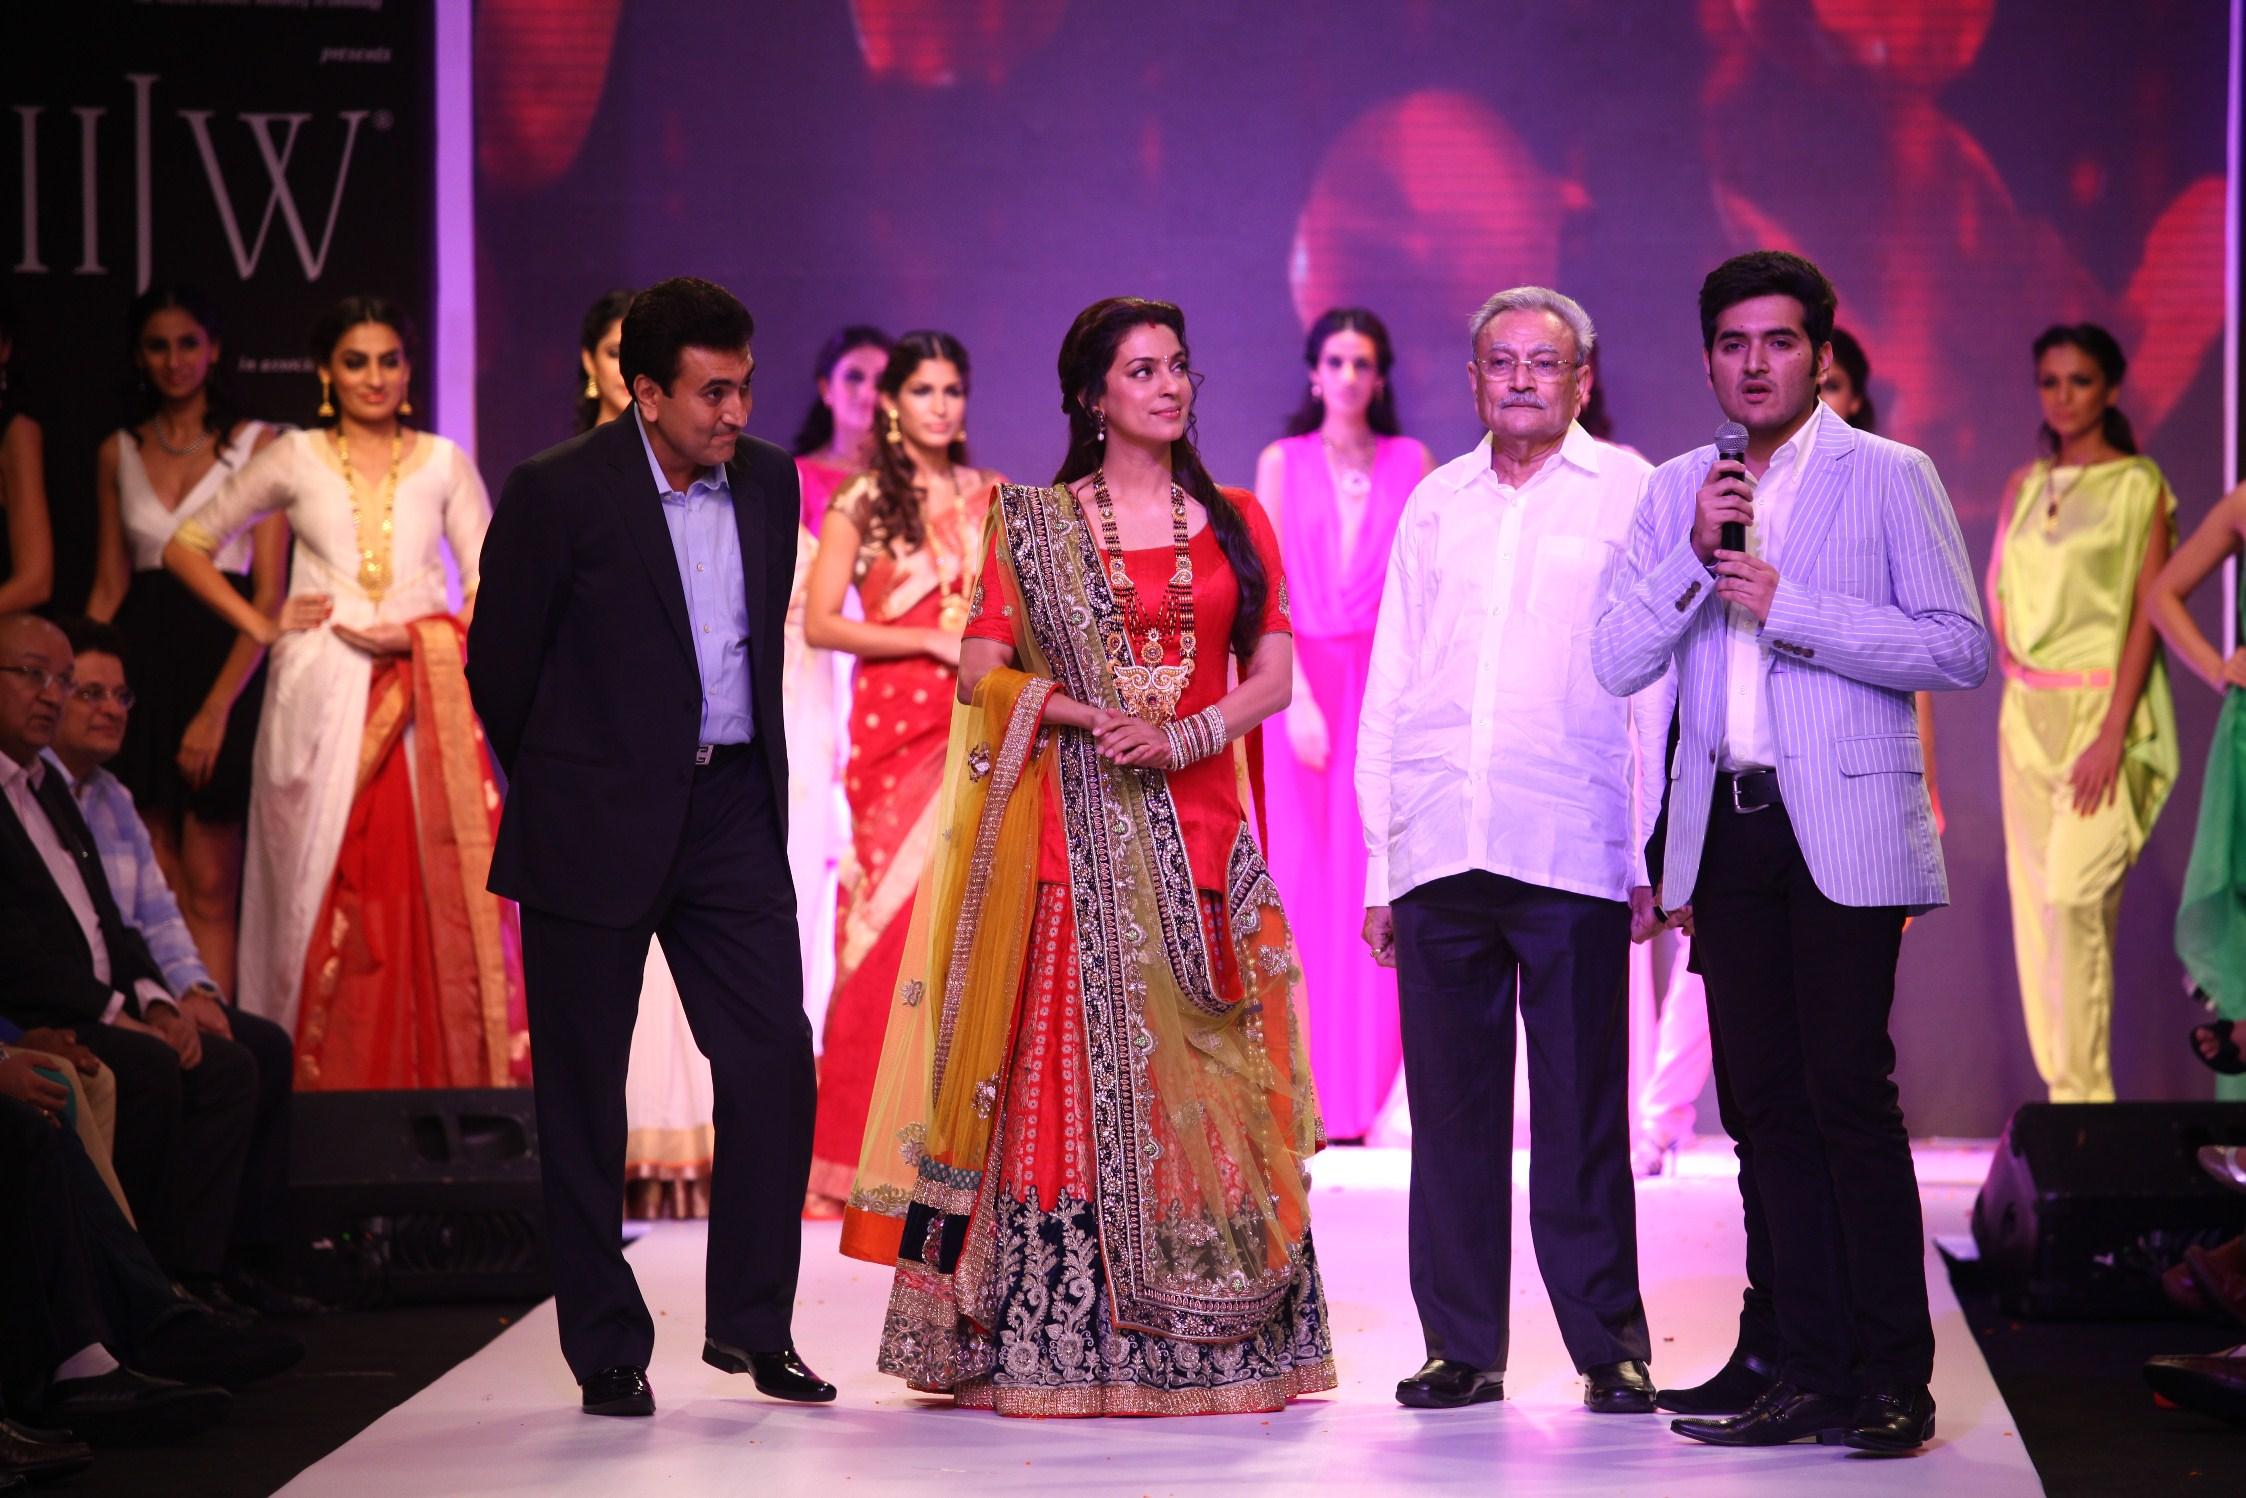 hetan Thadeshwar Juhi Chawla, Natu Bhai & Viraj Thadeshwar.